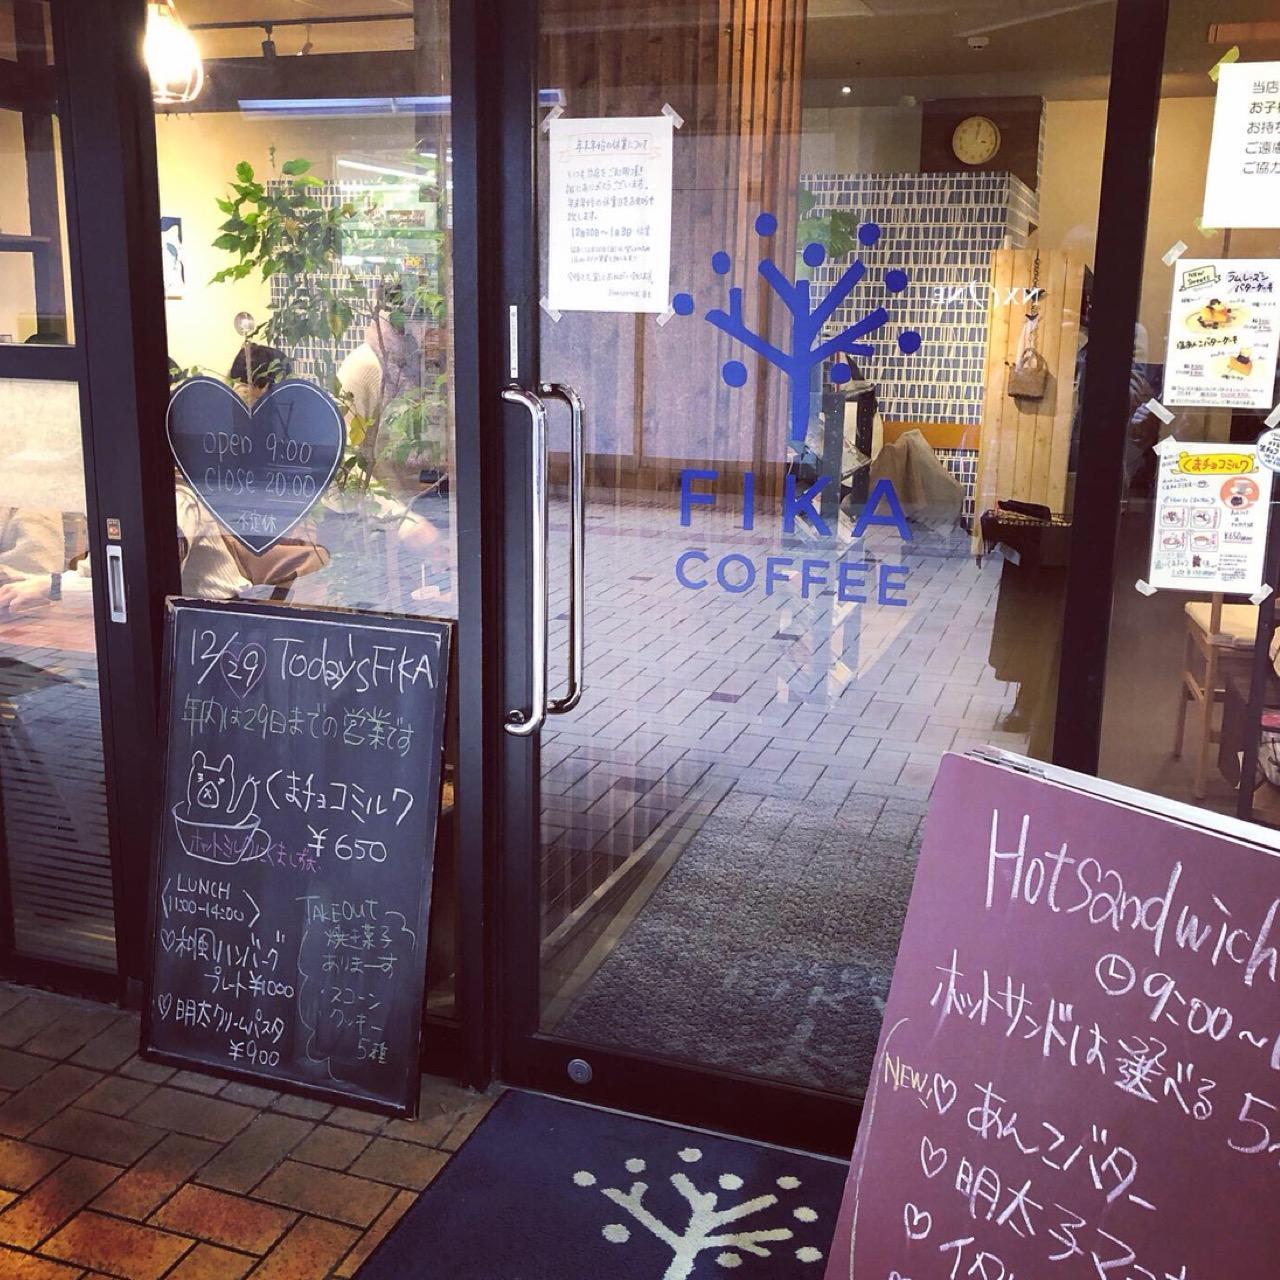 <福岡*博多>くまさんを沈める?!念願の冬季限定ドリンクを求めて人気のカフェへ行ってきました!♡_1